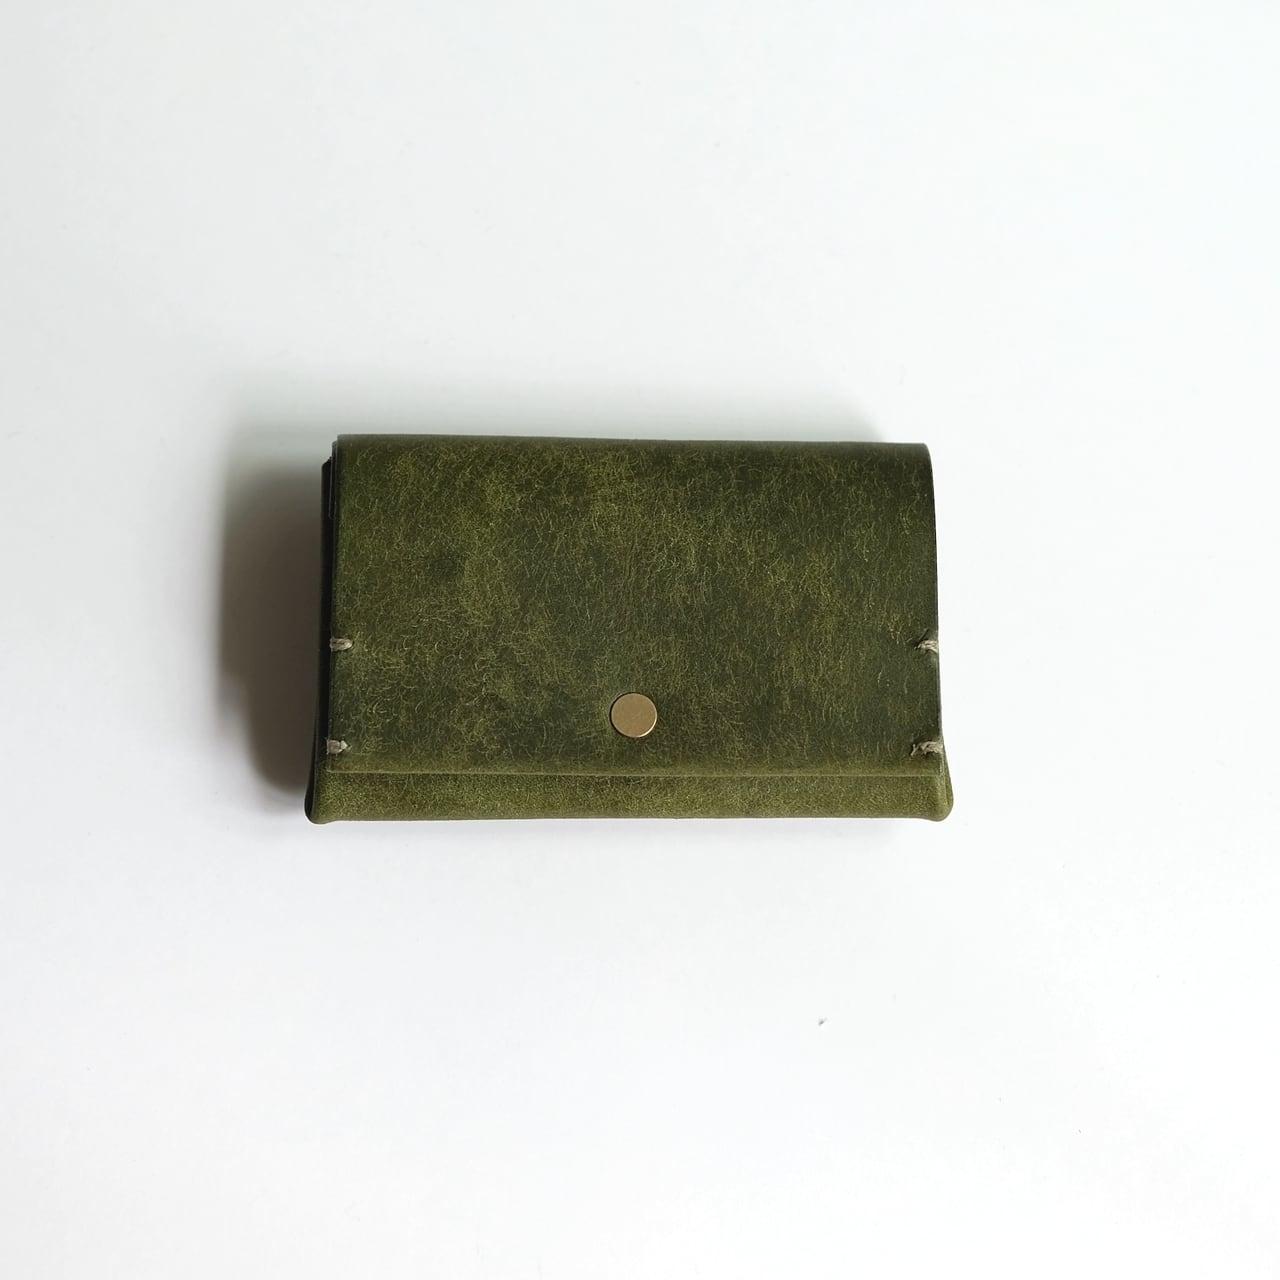 bellowsfold wallet - ol - プエブロ